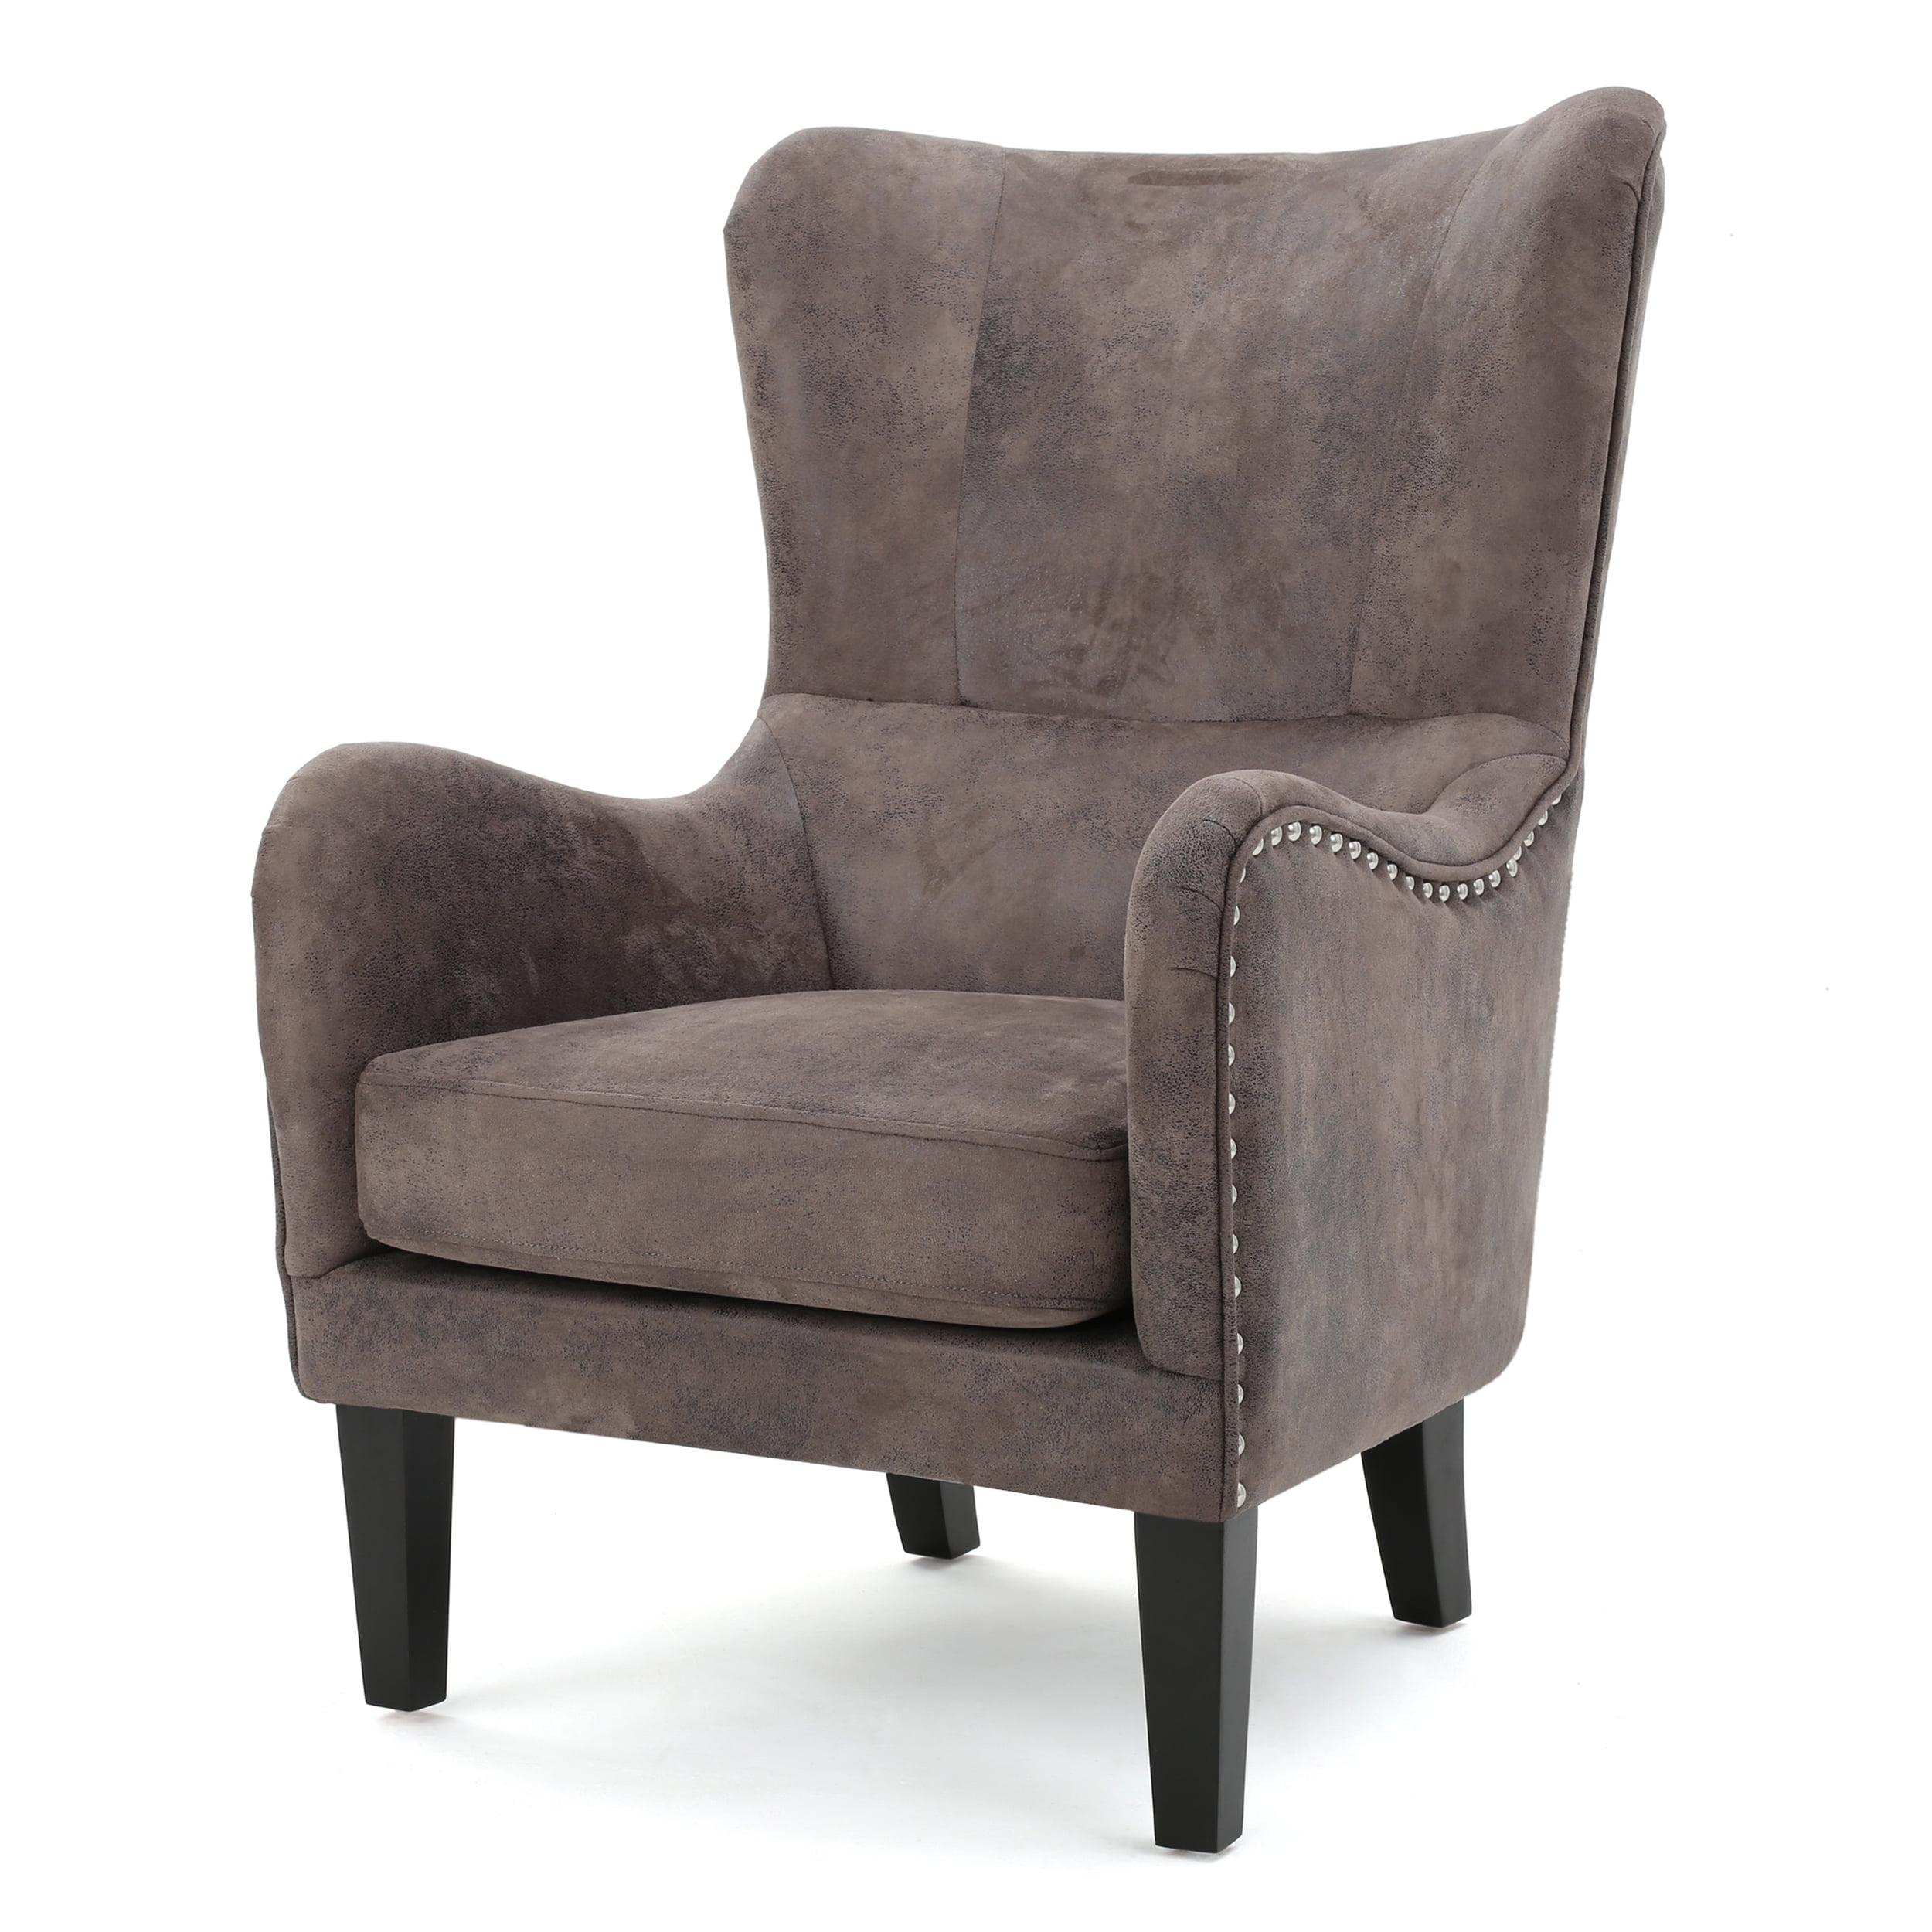 Salerno Fabric Hi-Back Studded Chair, Greyish Brown